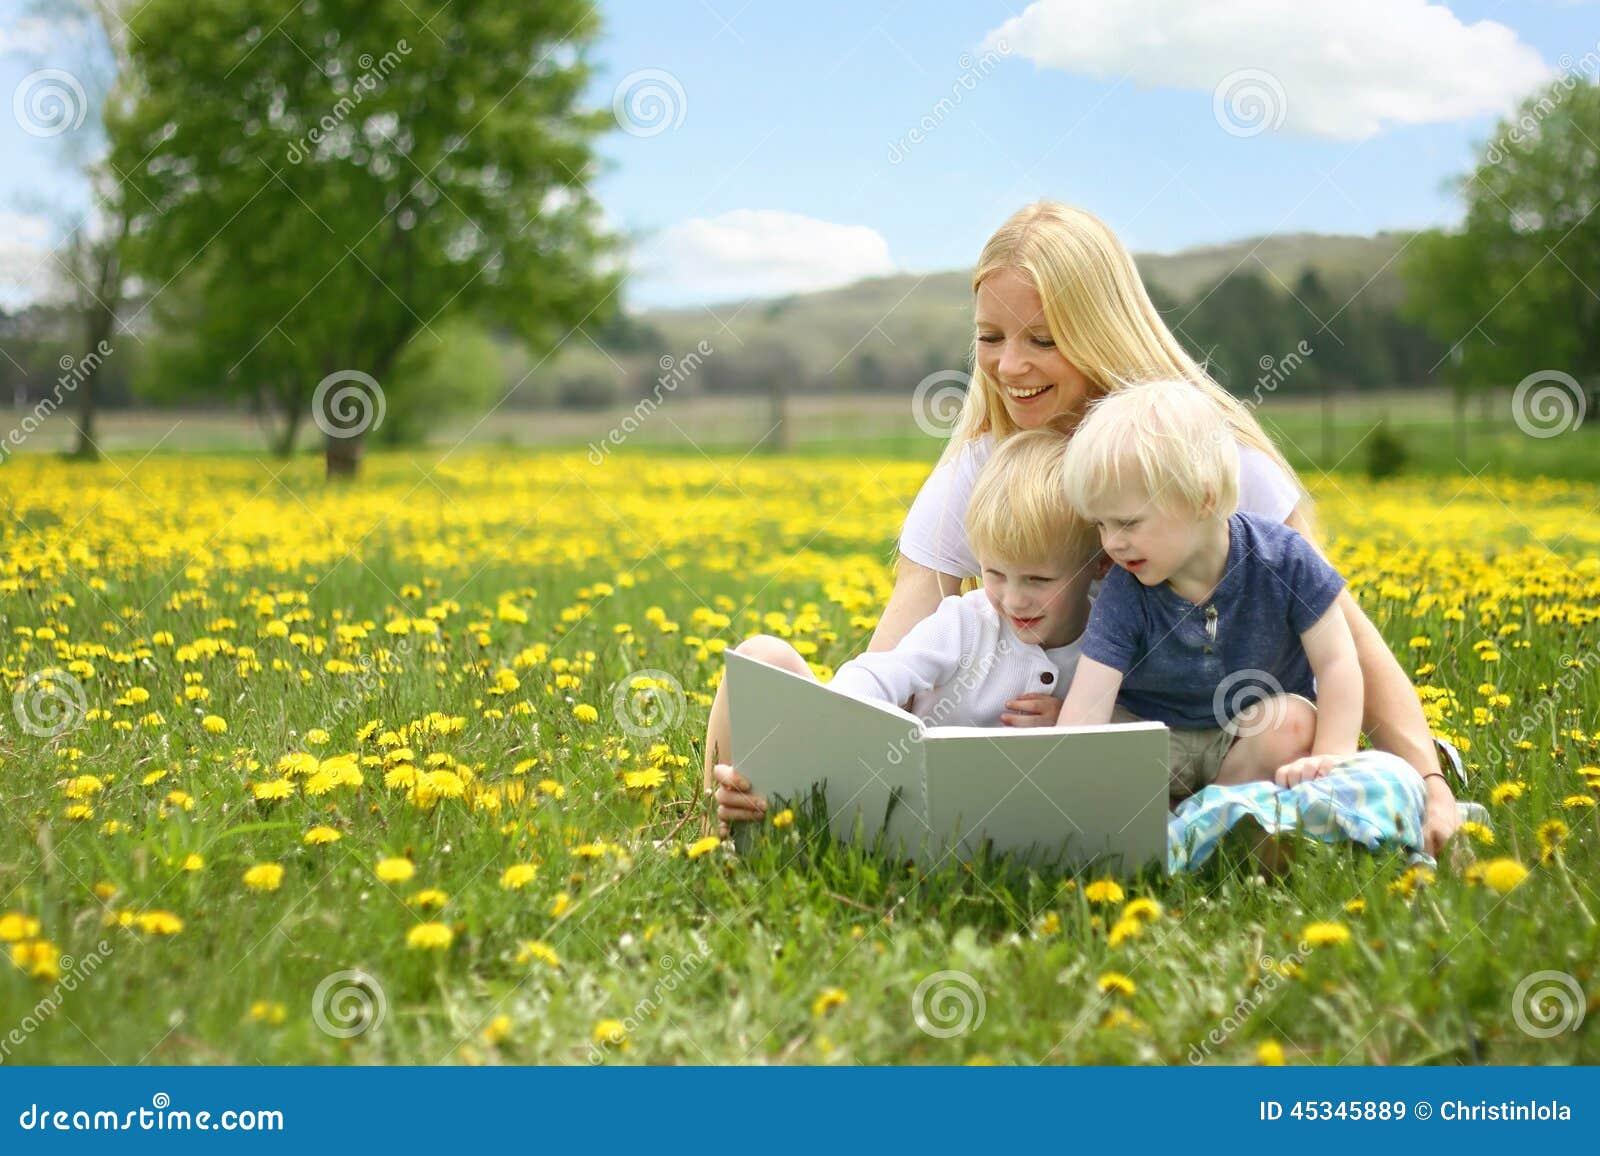 Βιβλίο ιστορίας ανάγνωσης μητέρων σε δύο μικρά παιδιά έξω σε Meado